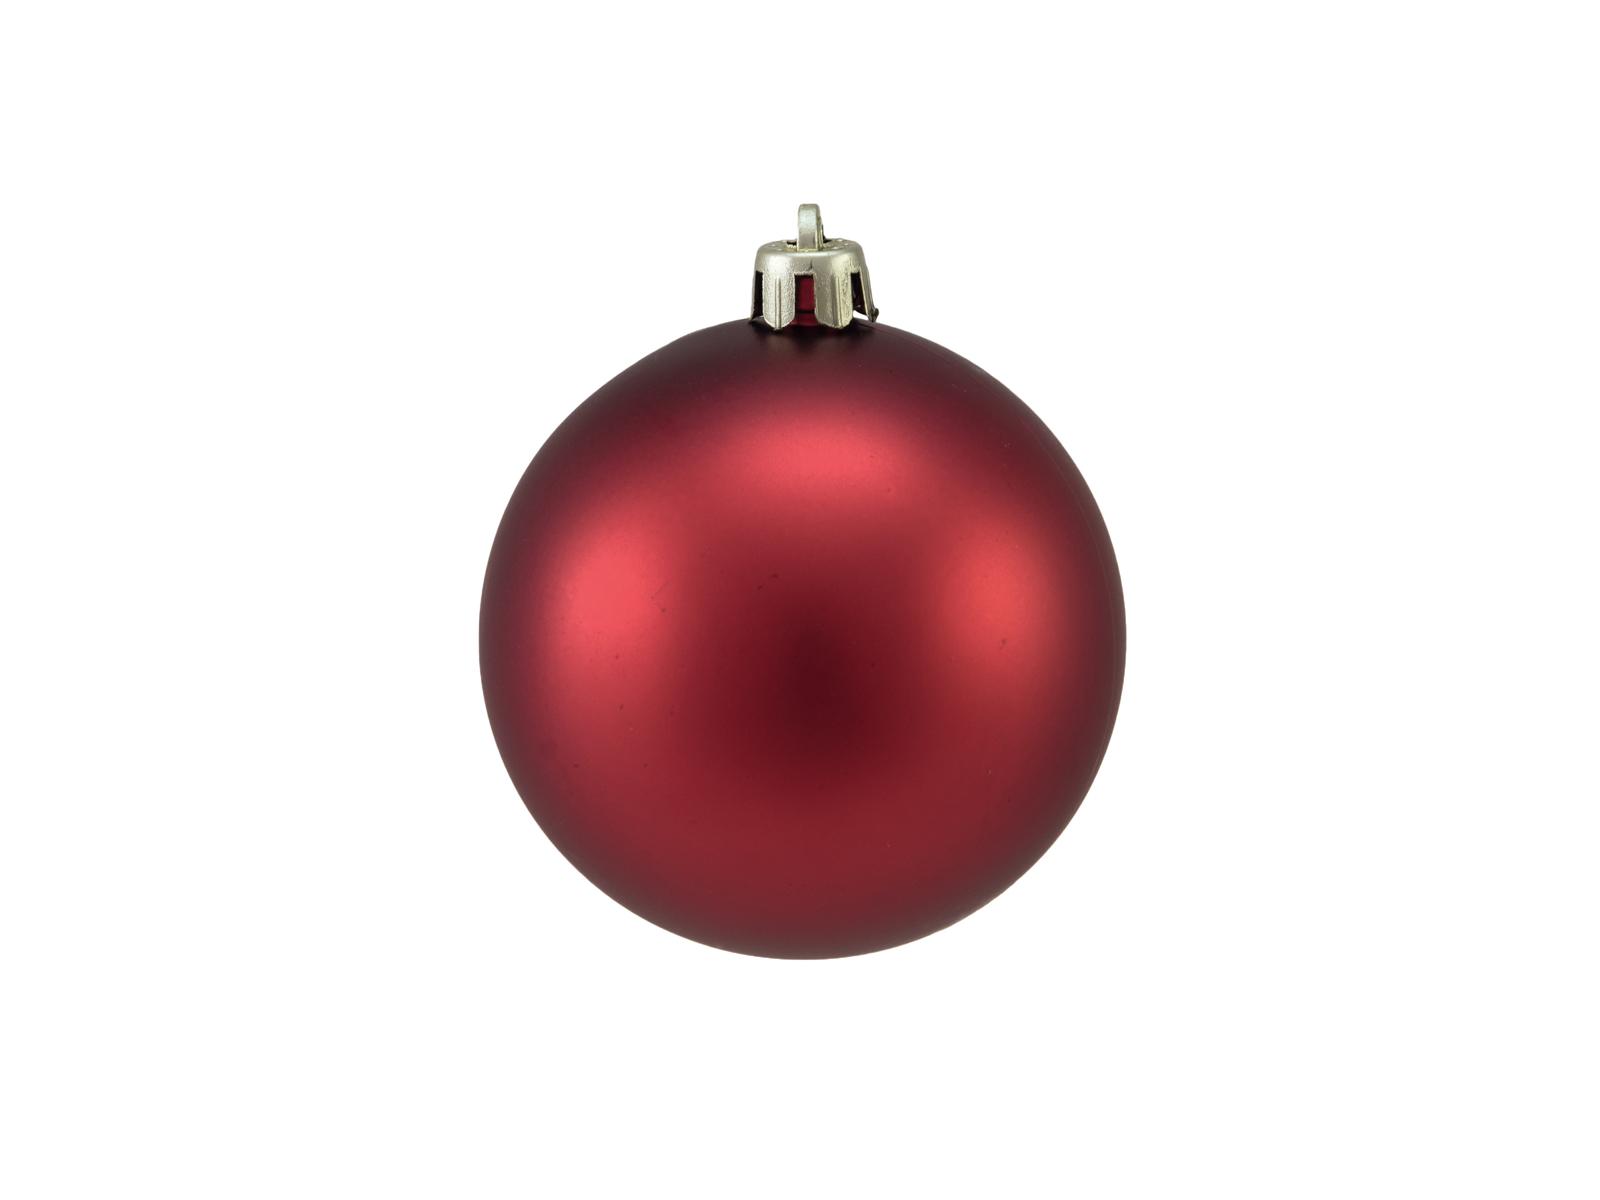 Vánoční dekorační ozdoby, 7 cm, červené matné, 6 ks